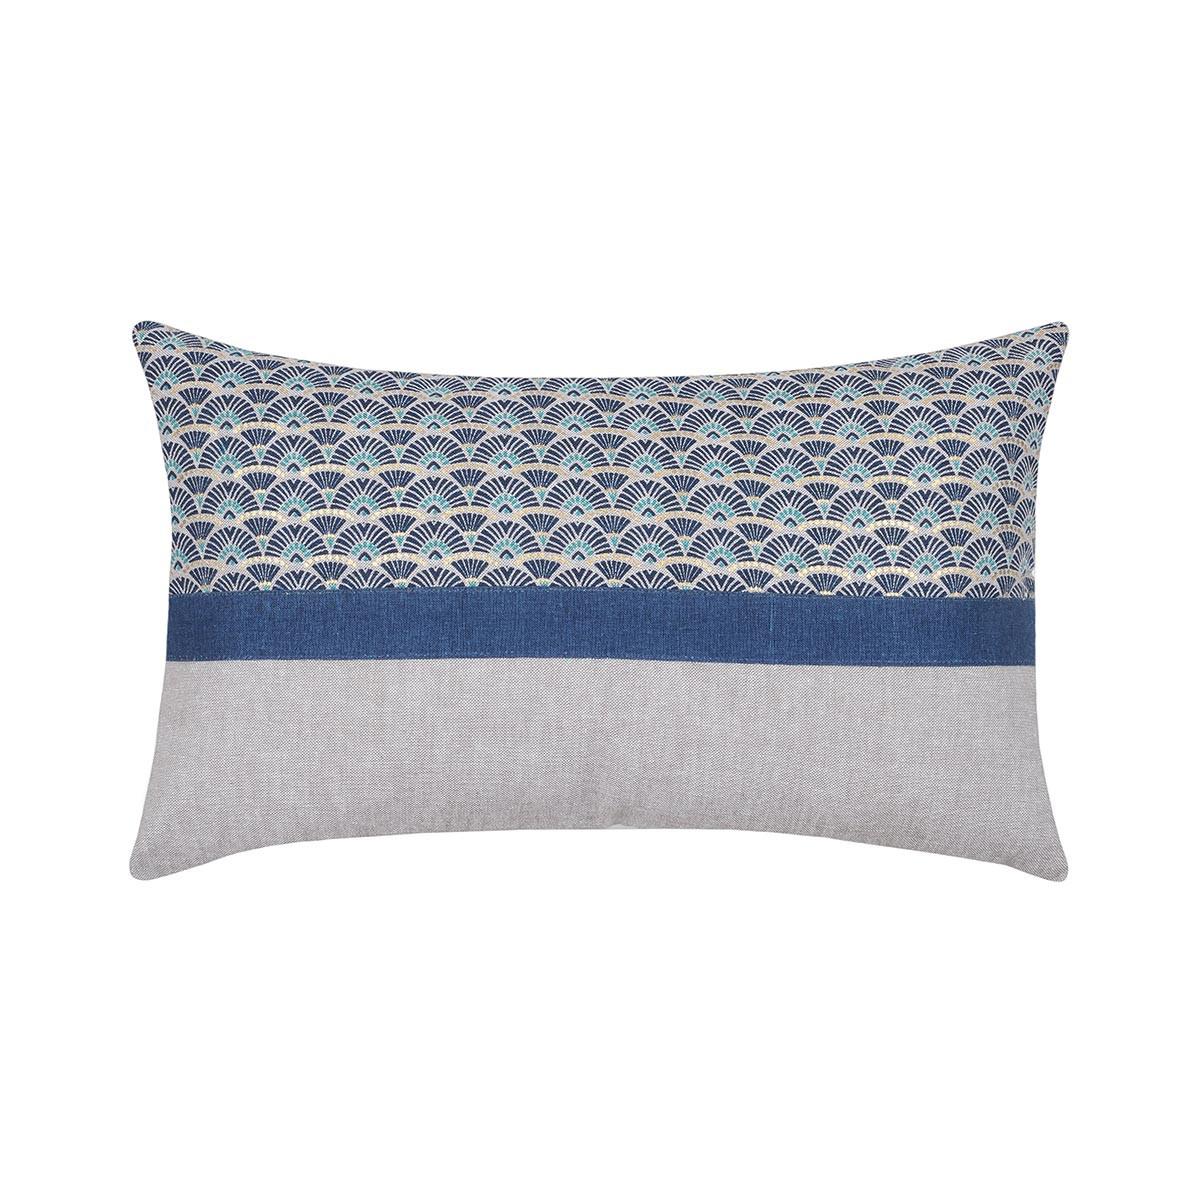 Διακοσμητικό Μαξιλάρι (30×50) Guimard Bleu C0A181004